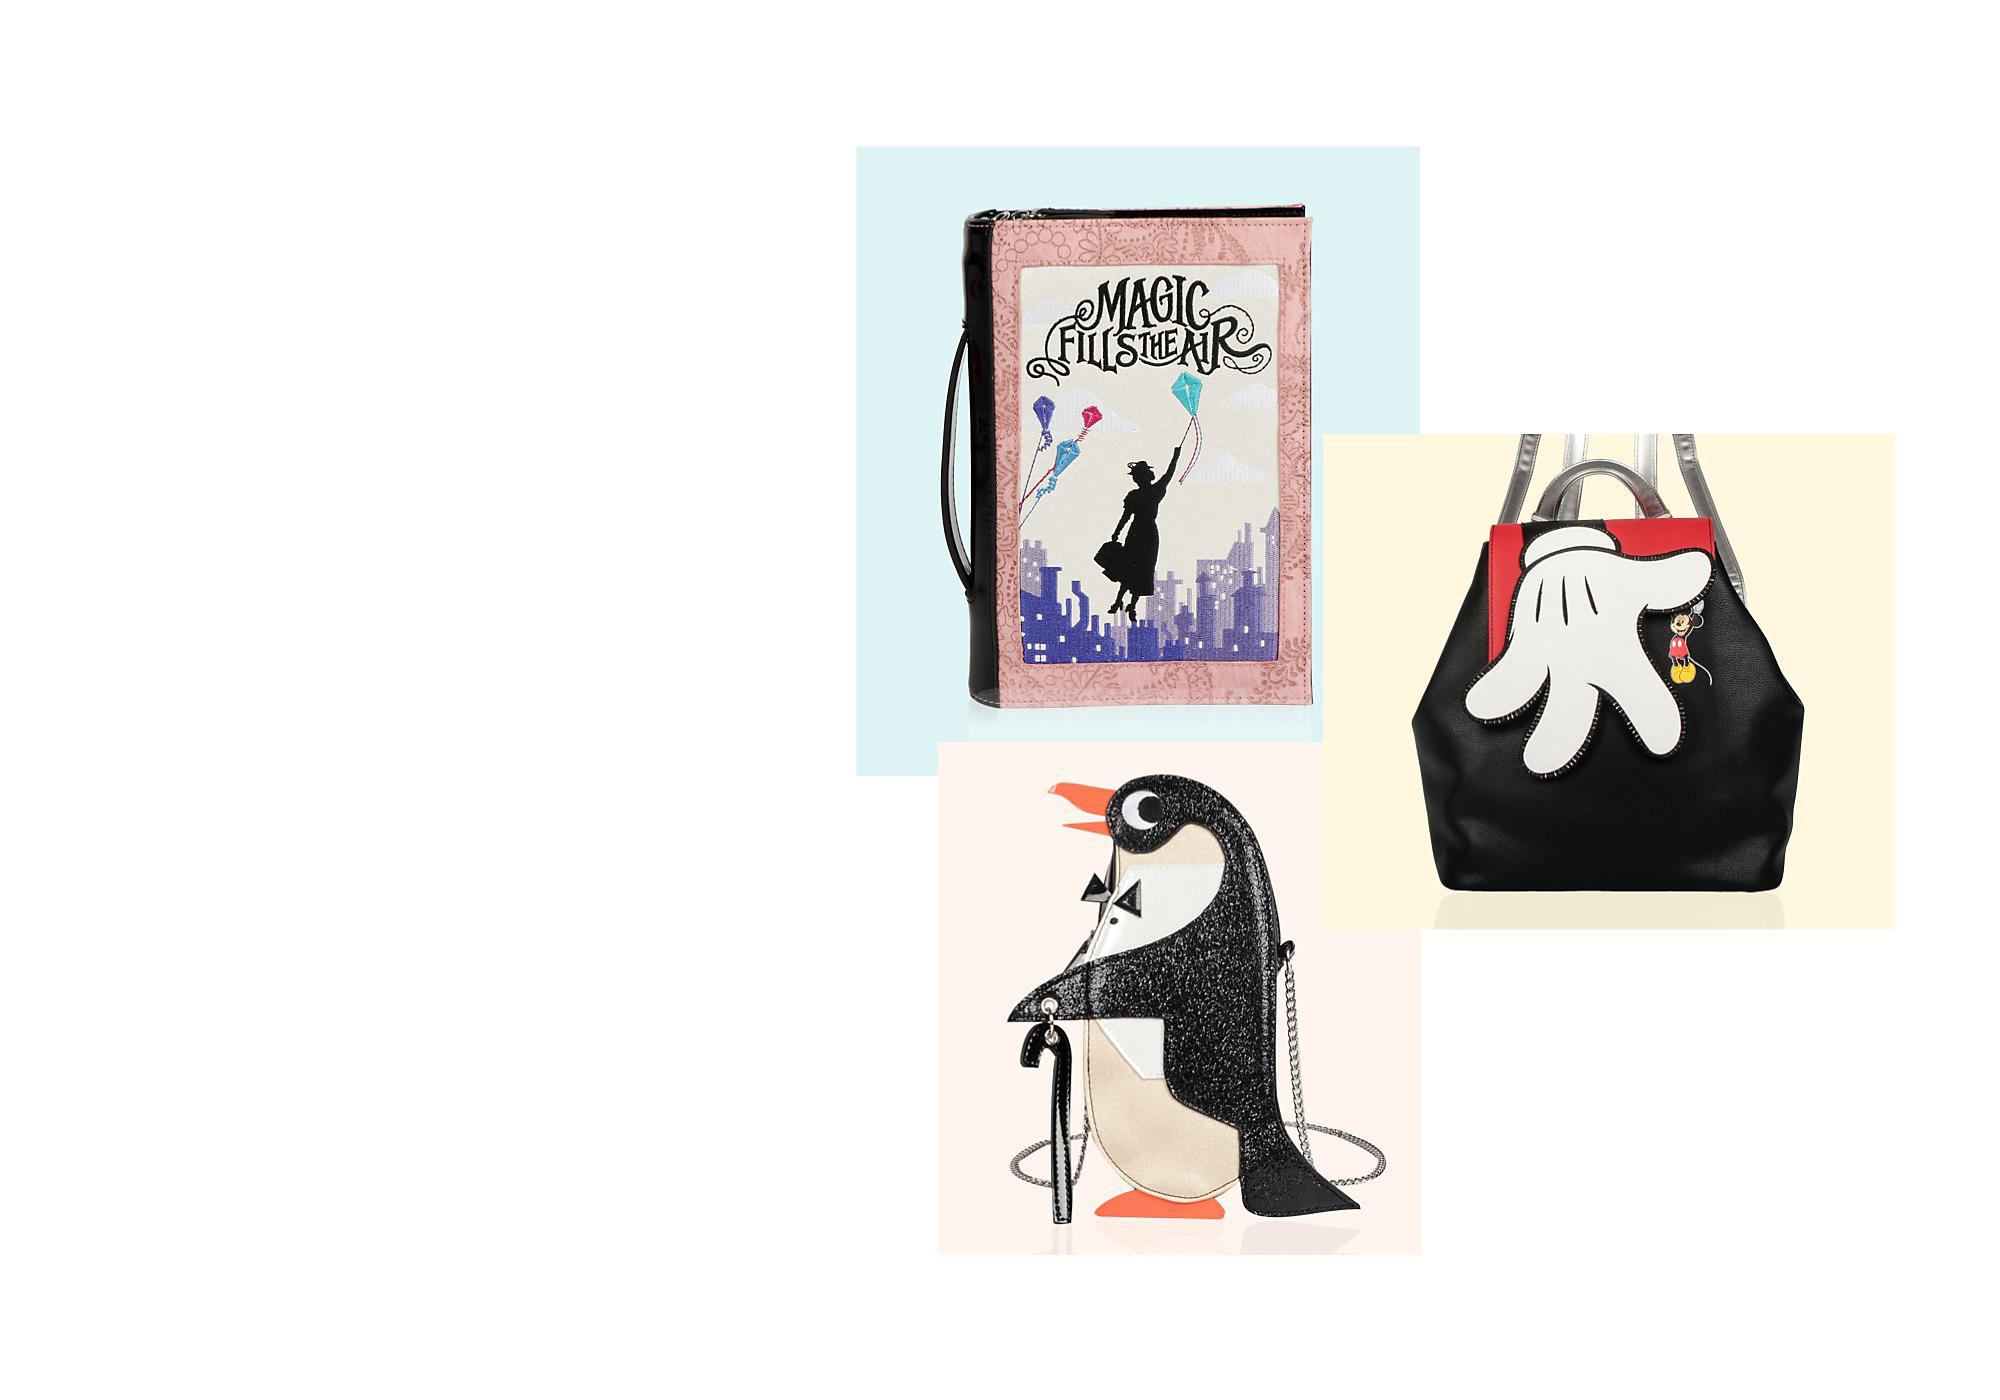 Détails Exquis La marque Danielle Nicole vous propose une gamme de sacs et bijoux de créateur, colorés et originaux, pour habiller votre look ! DÉCOUVRIR